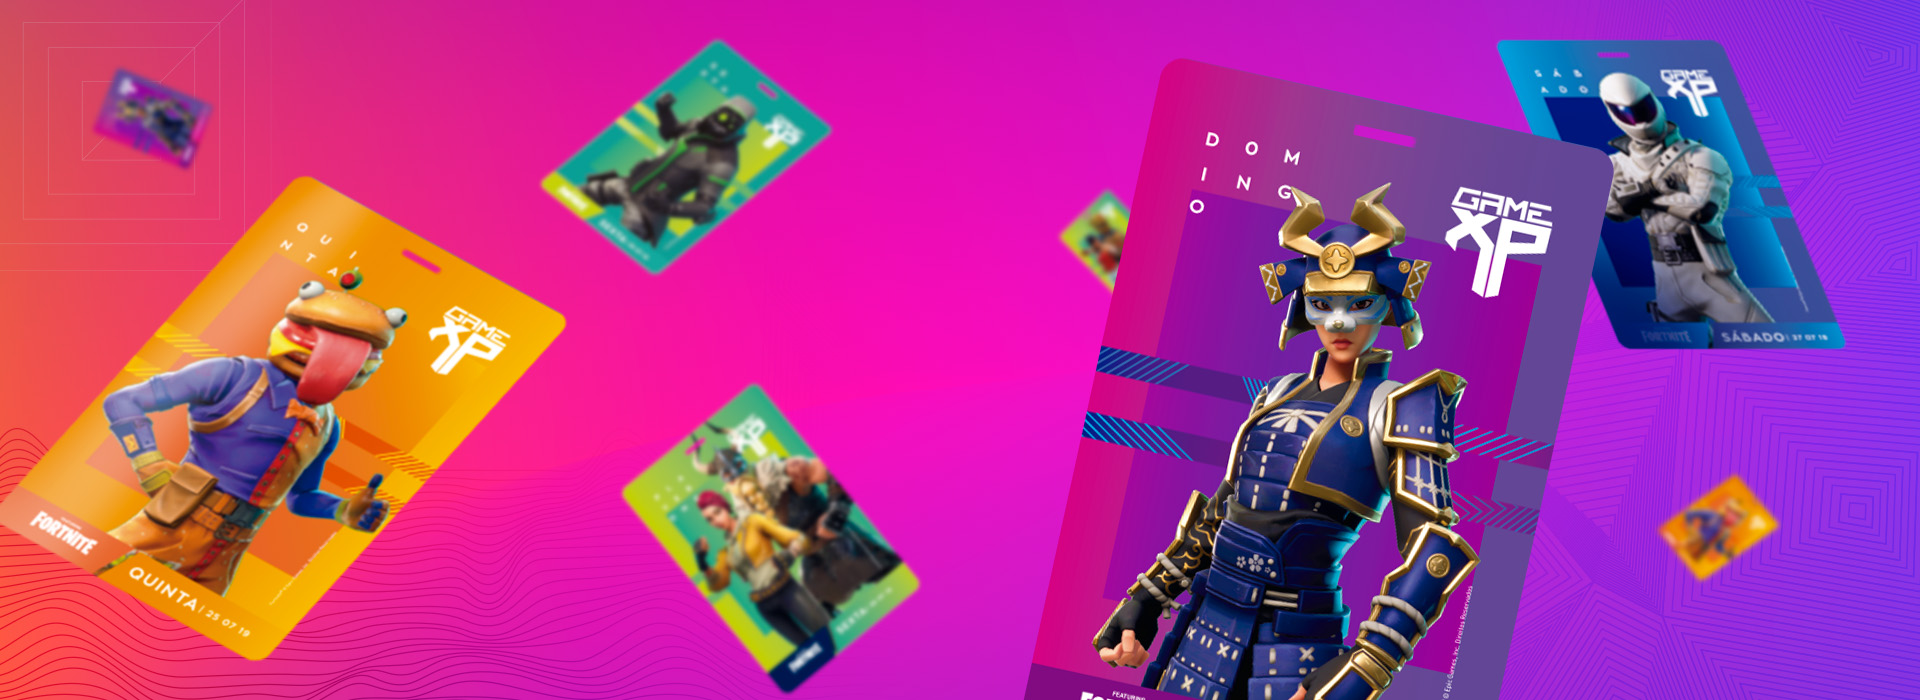 Game Xp 2019 Confirmada Parceria Do Evento Com Fortnite